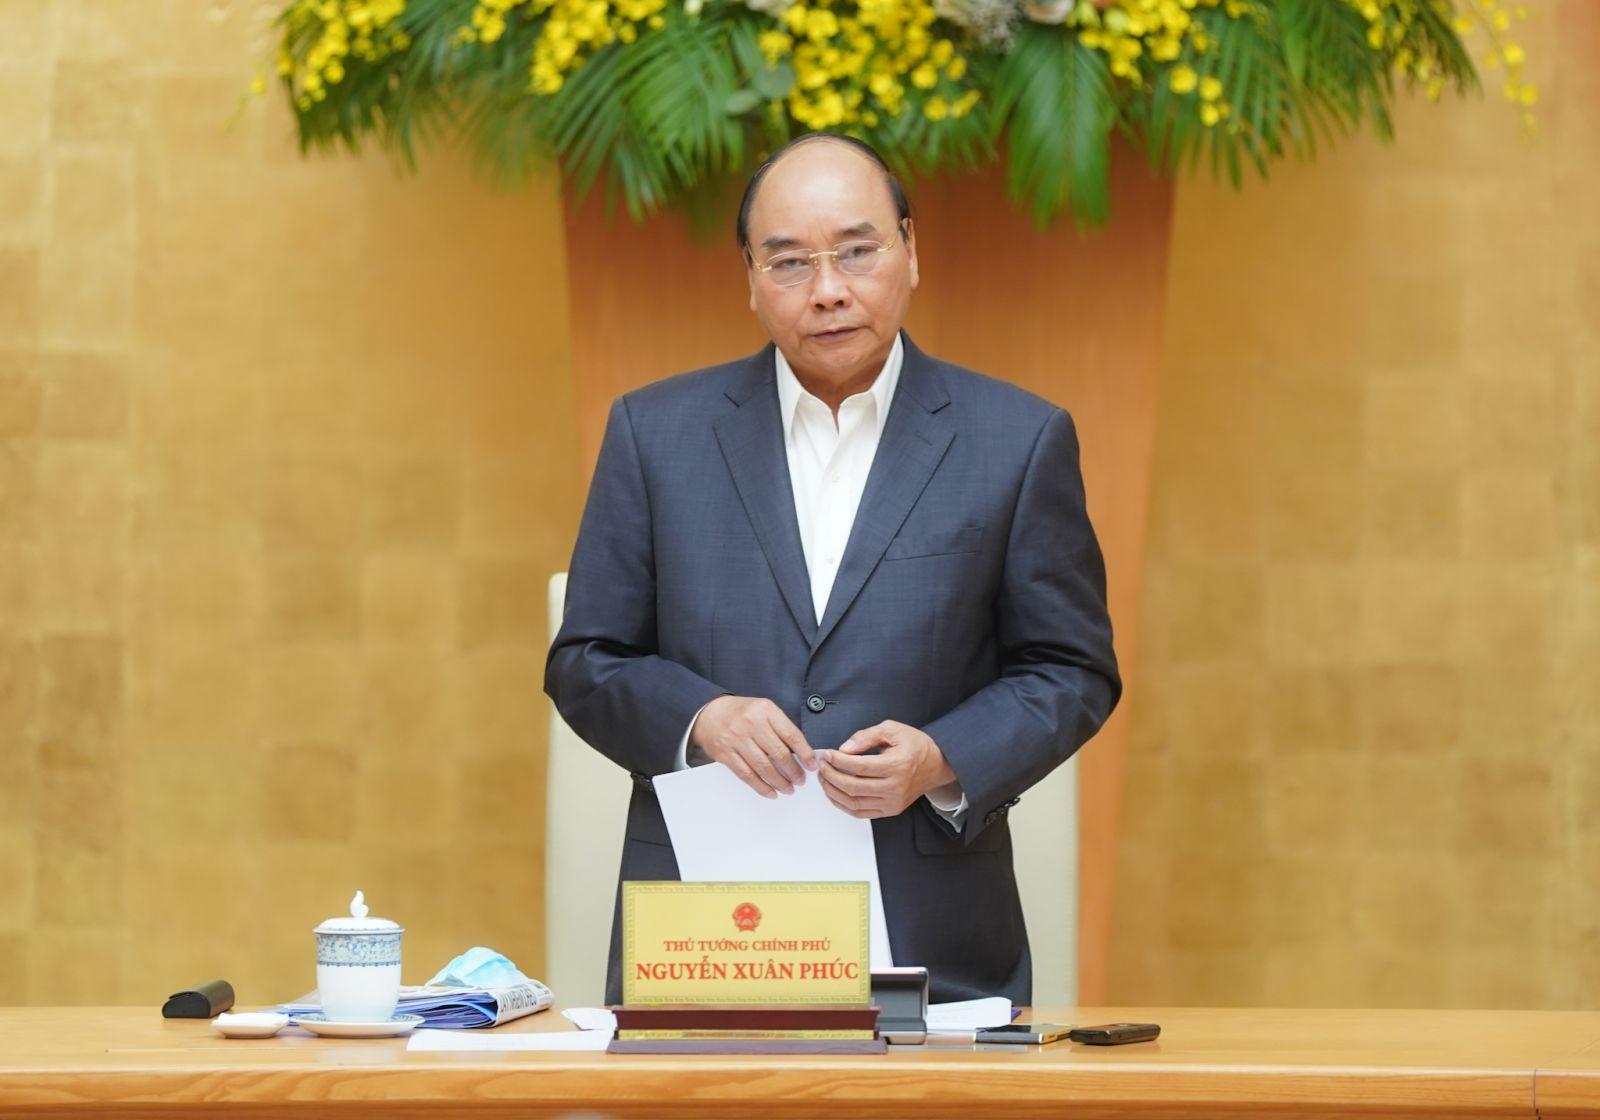 Thủ tướng phát biểu tại cuộc làm việc - Ảnh: VGP/Quang Hiếu